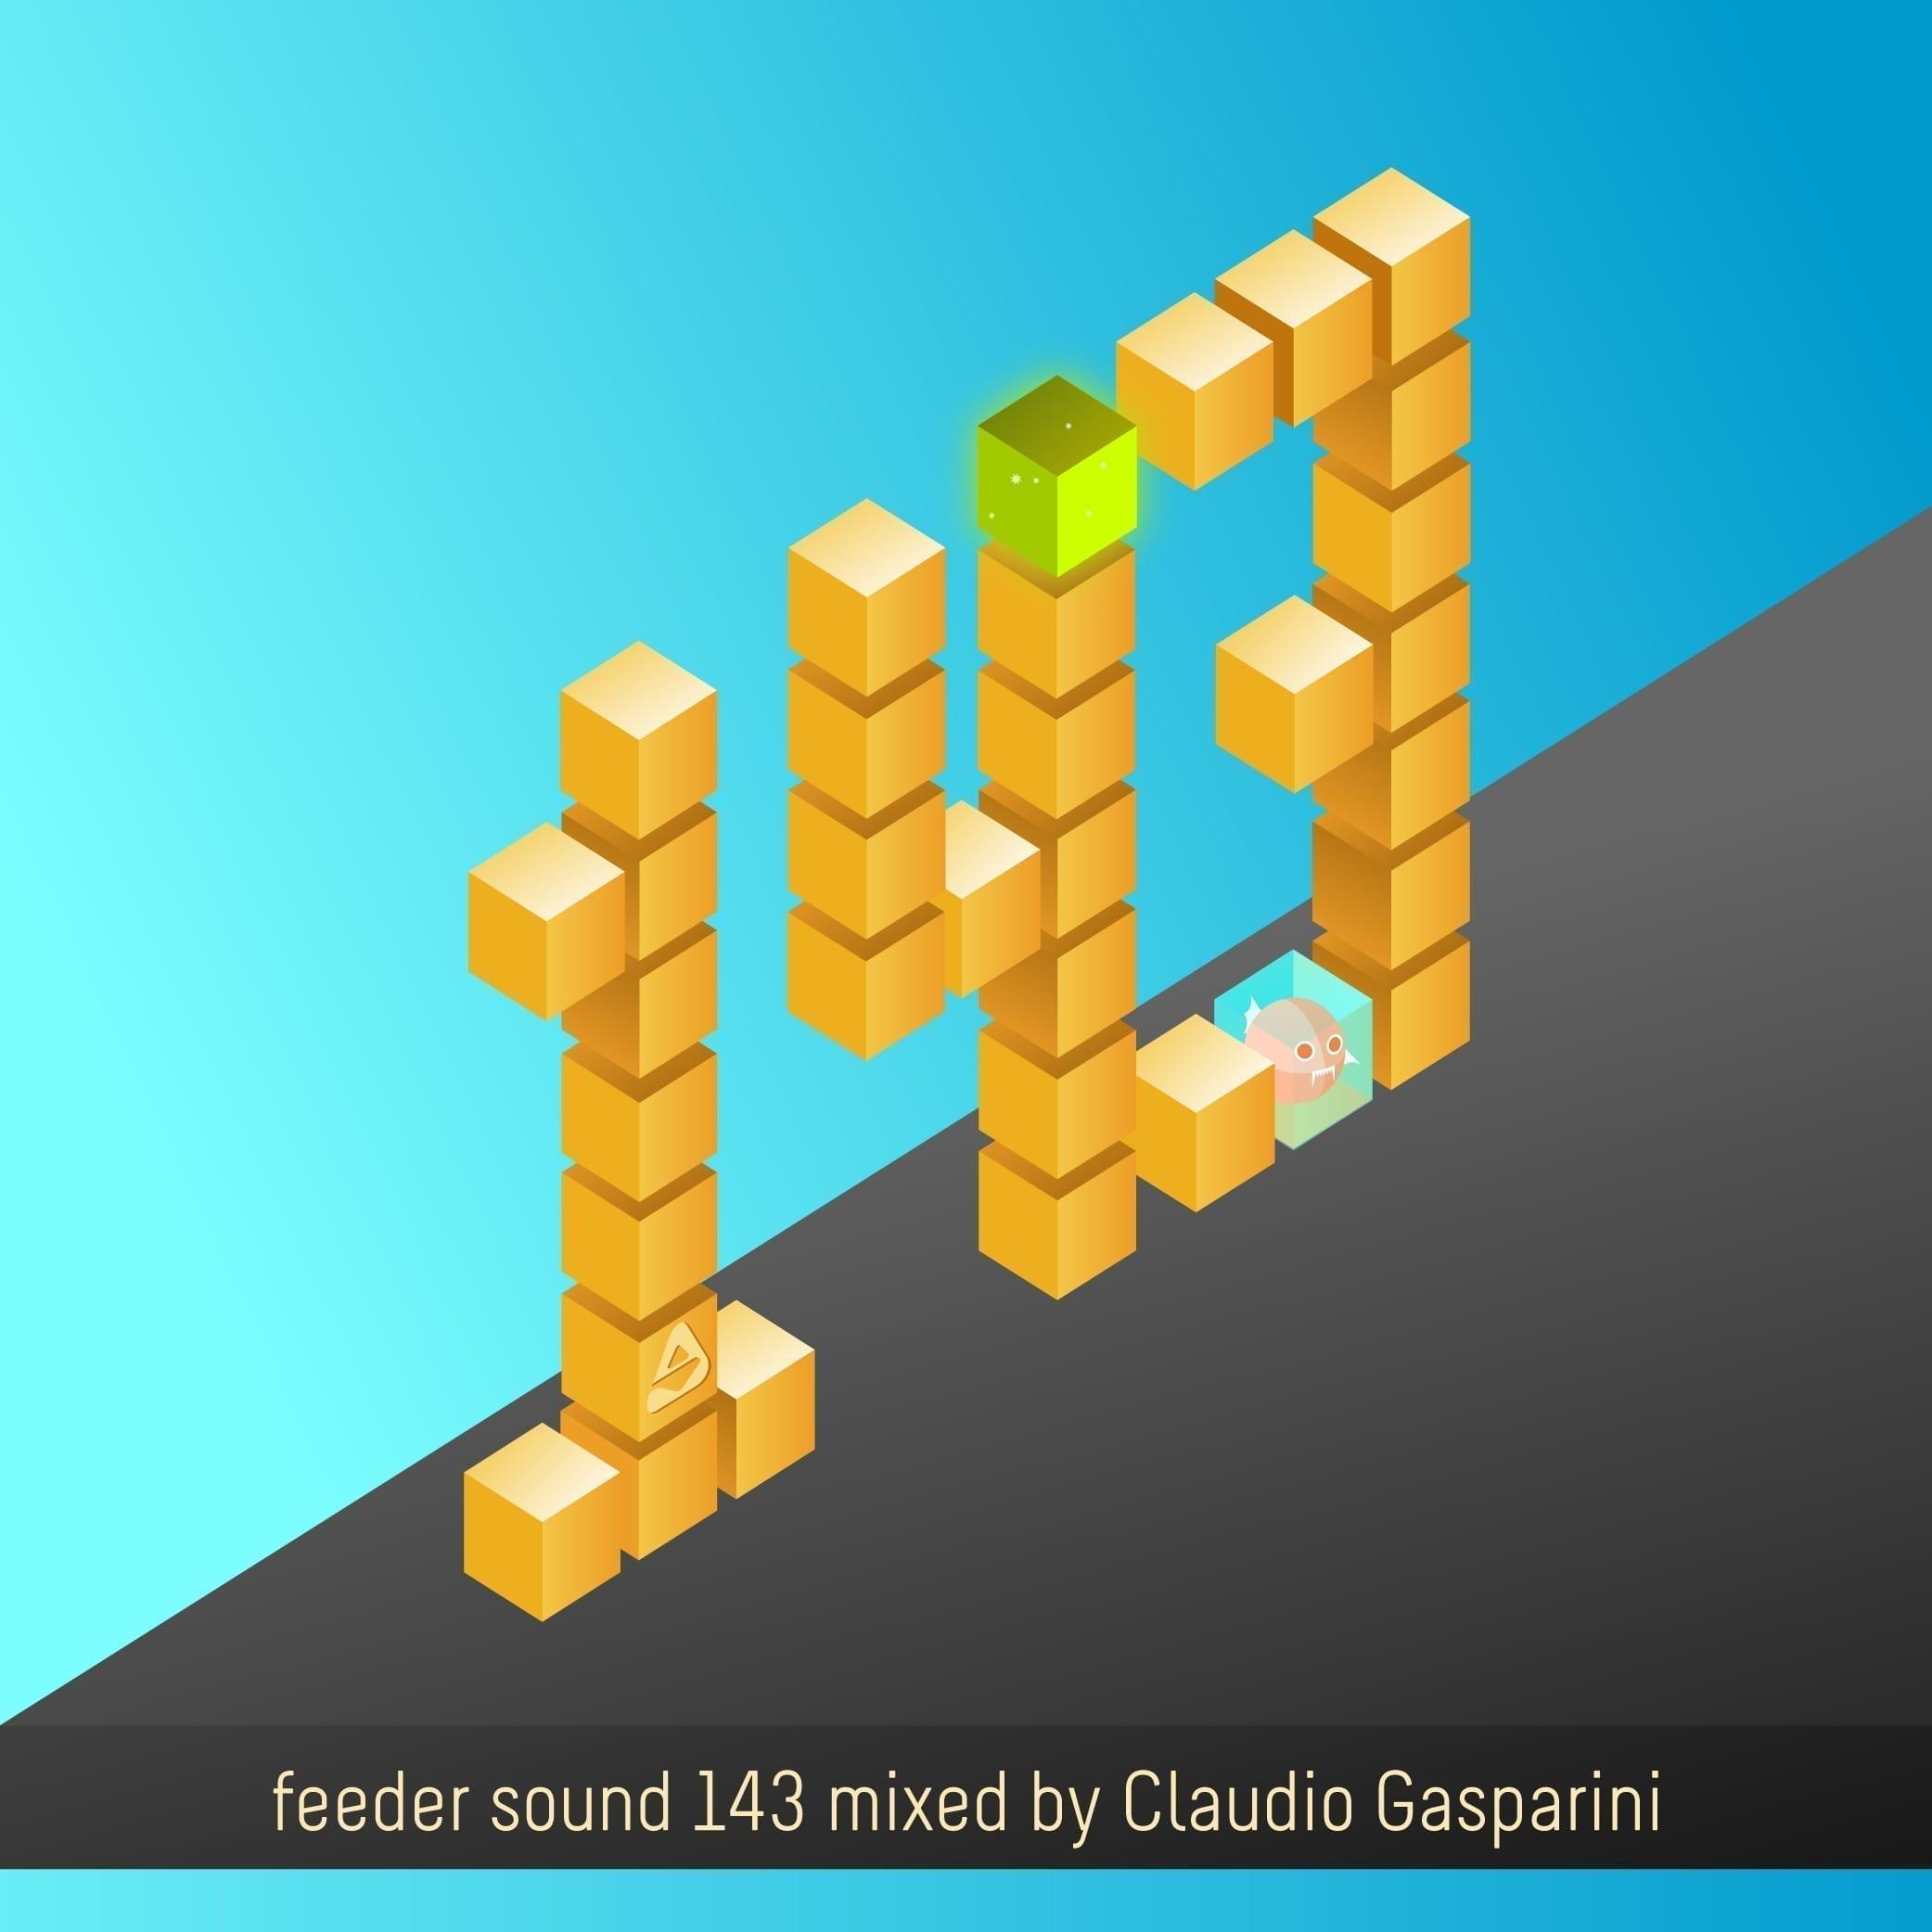 feeder sound 143 Claudio Gasparini